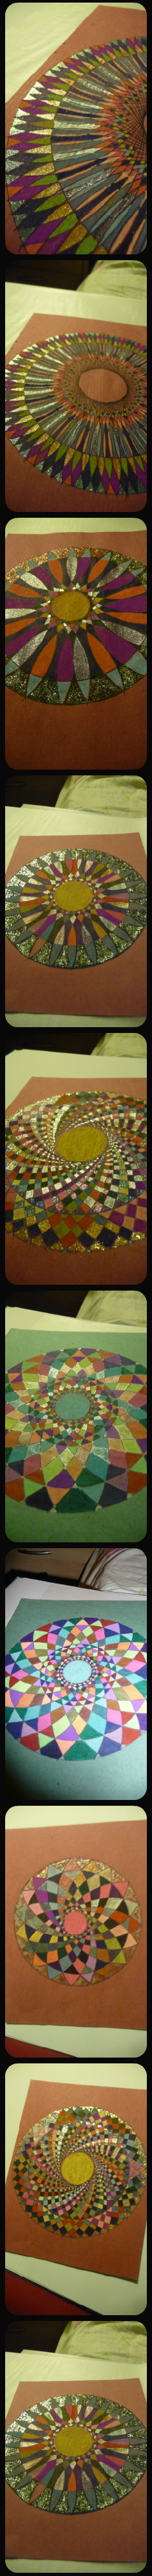 Blog de mimipalitaf : mimimickeydumont : mes mandalas au compas, mandalas aux stylos pailletés sur cahier (bonne journée à vous tous, ici trois degrés...)